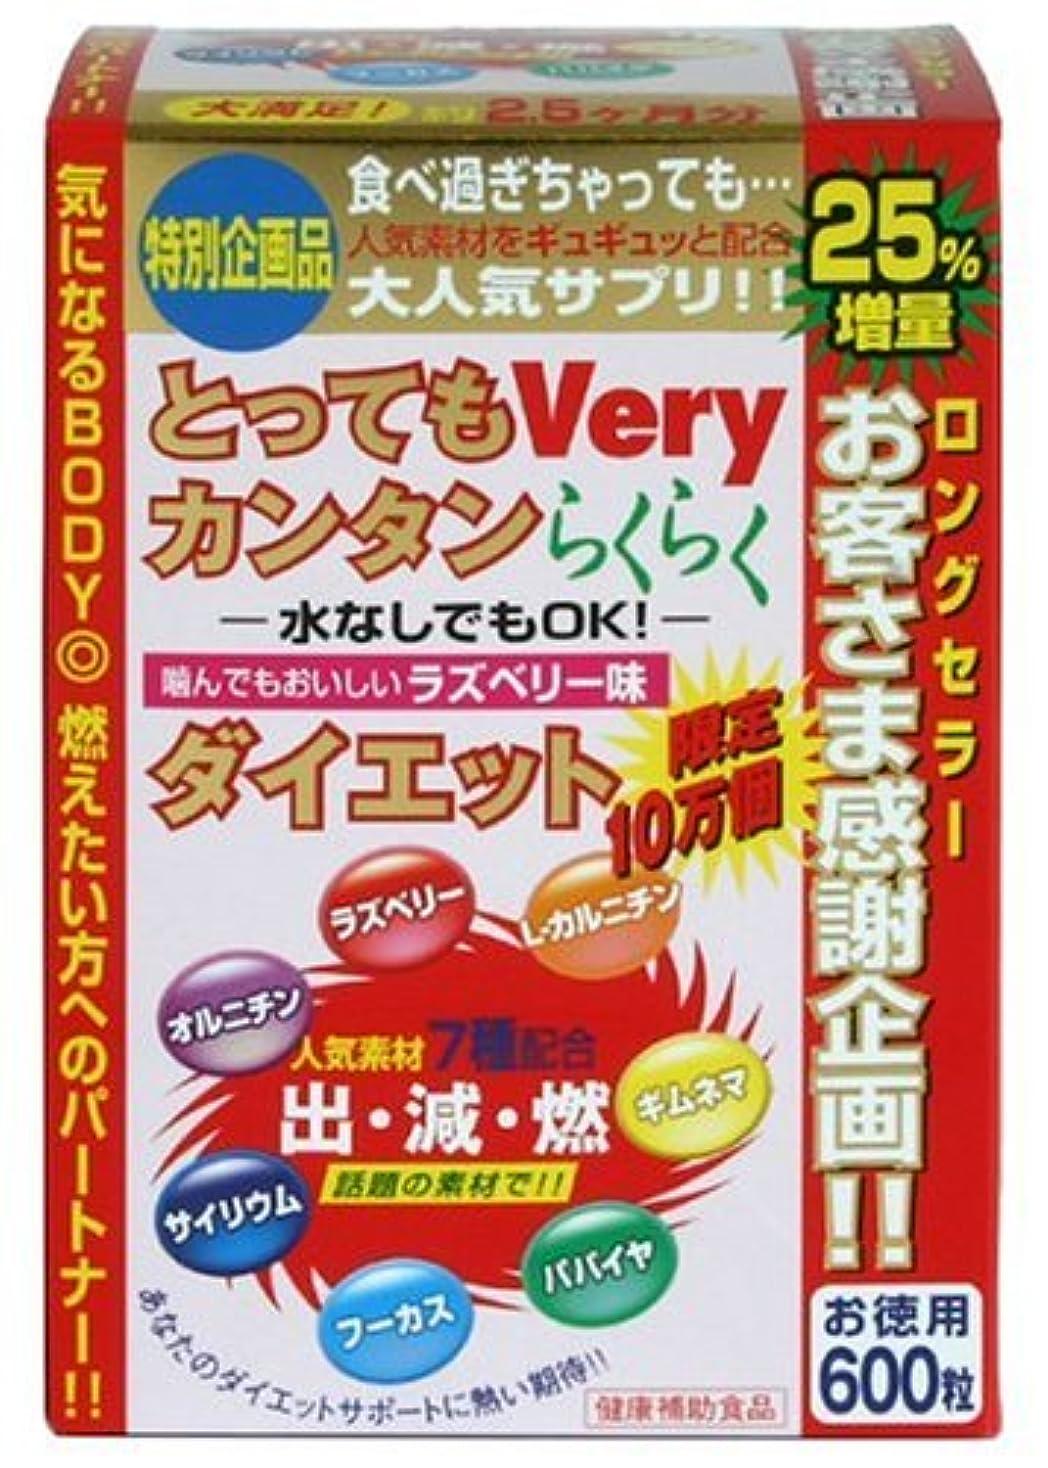 火星ブランデーサイトとってもVery カンタンらくらく ダイエット 増量版(240mg×600粒)